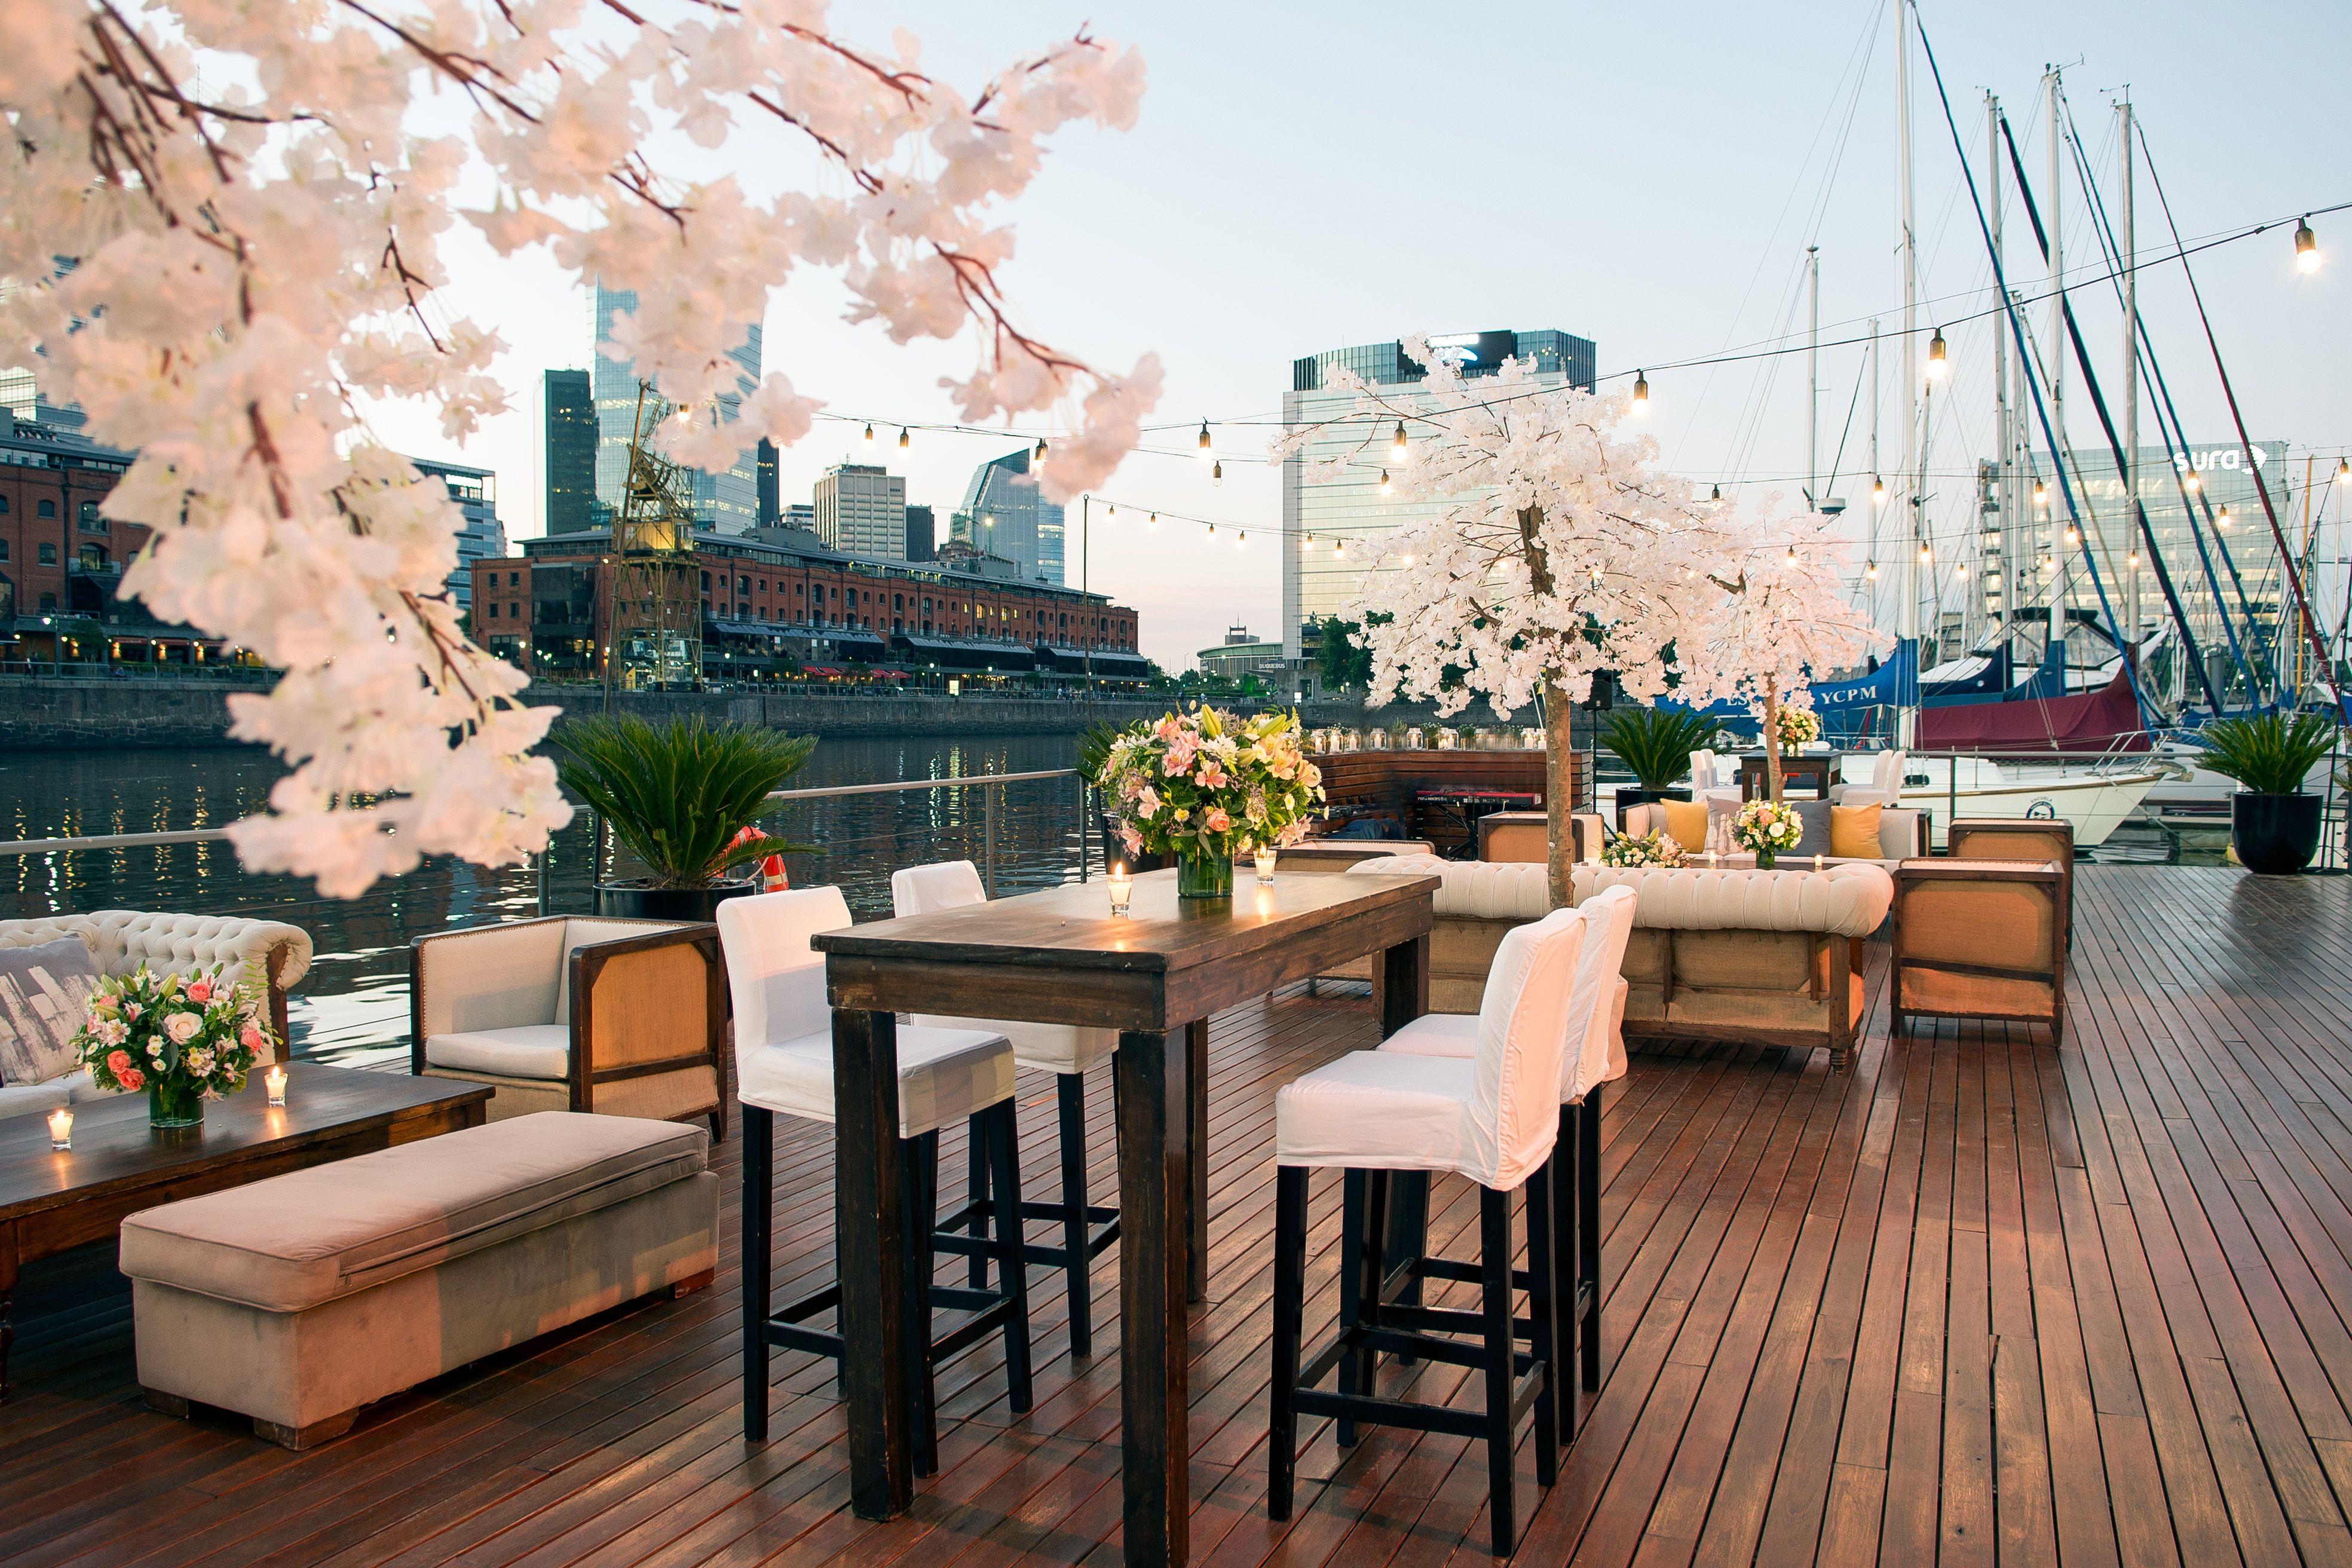 Casamiento En Terraza Deck Terraza Deck Salón De Eventos